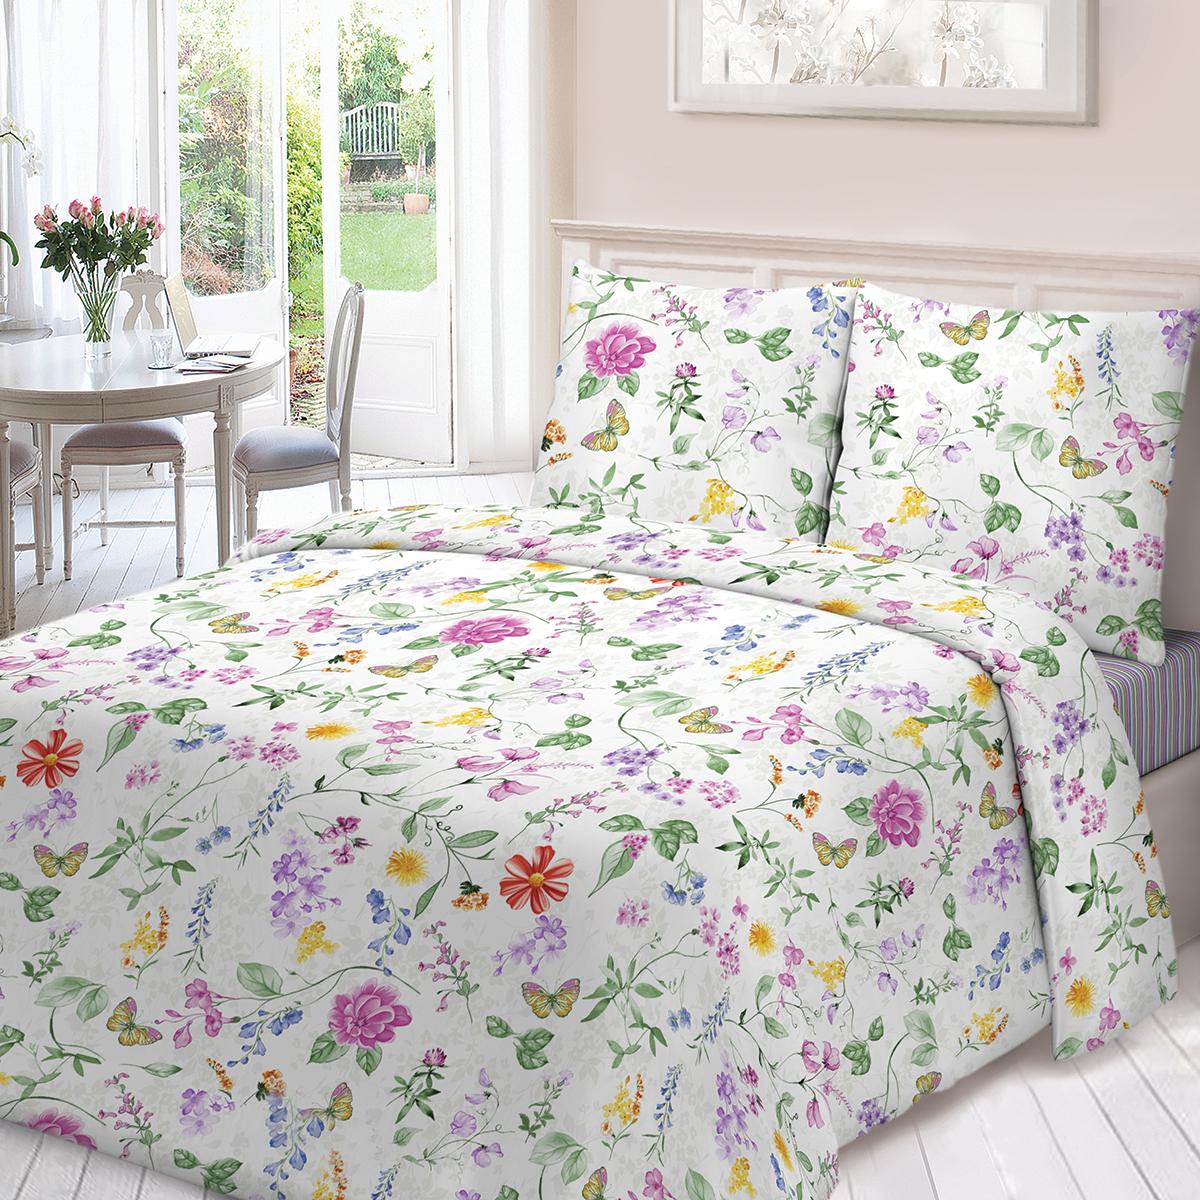 Комплект белья Для Снов Валенсия, семейный, наволочки 70х70, цвет: белый комплекты белья